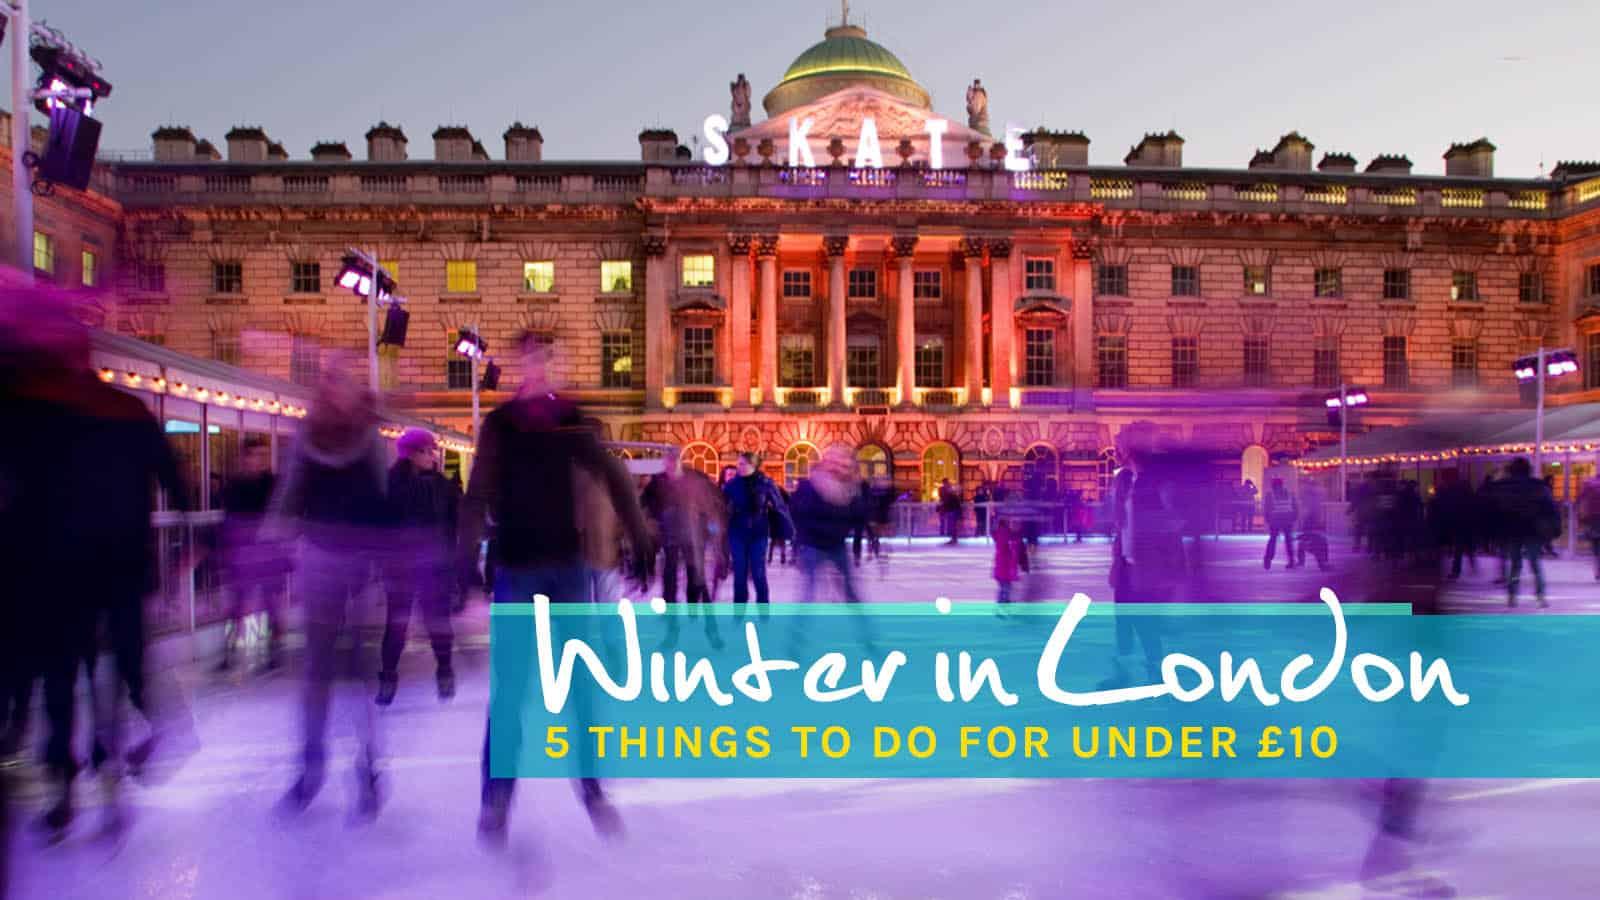 伦敦的冬天:10英镑以下的5件事   穷游者的行程安排博客